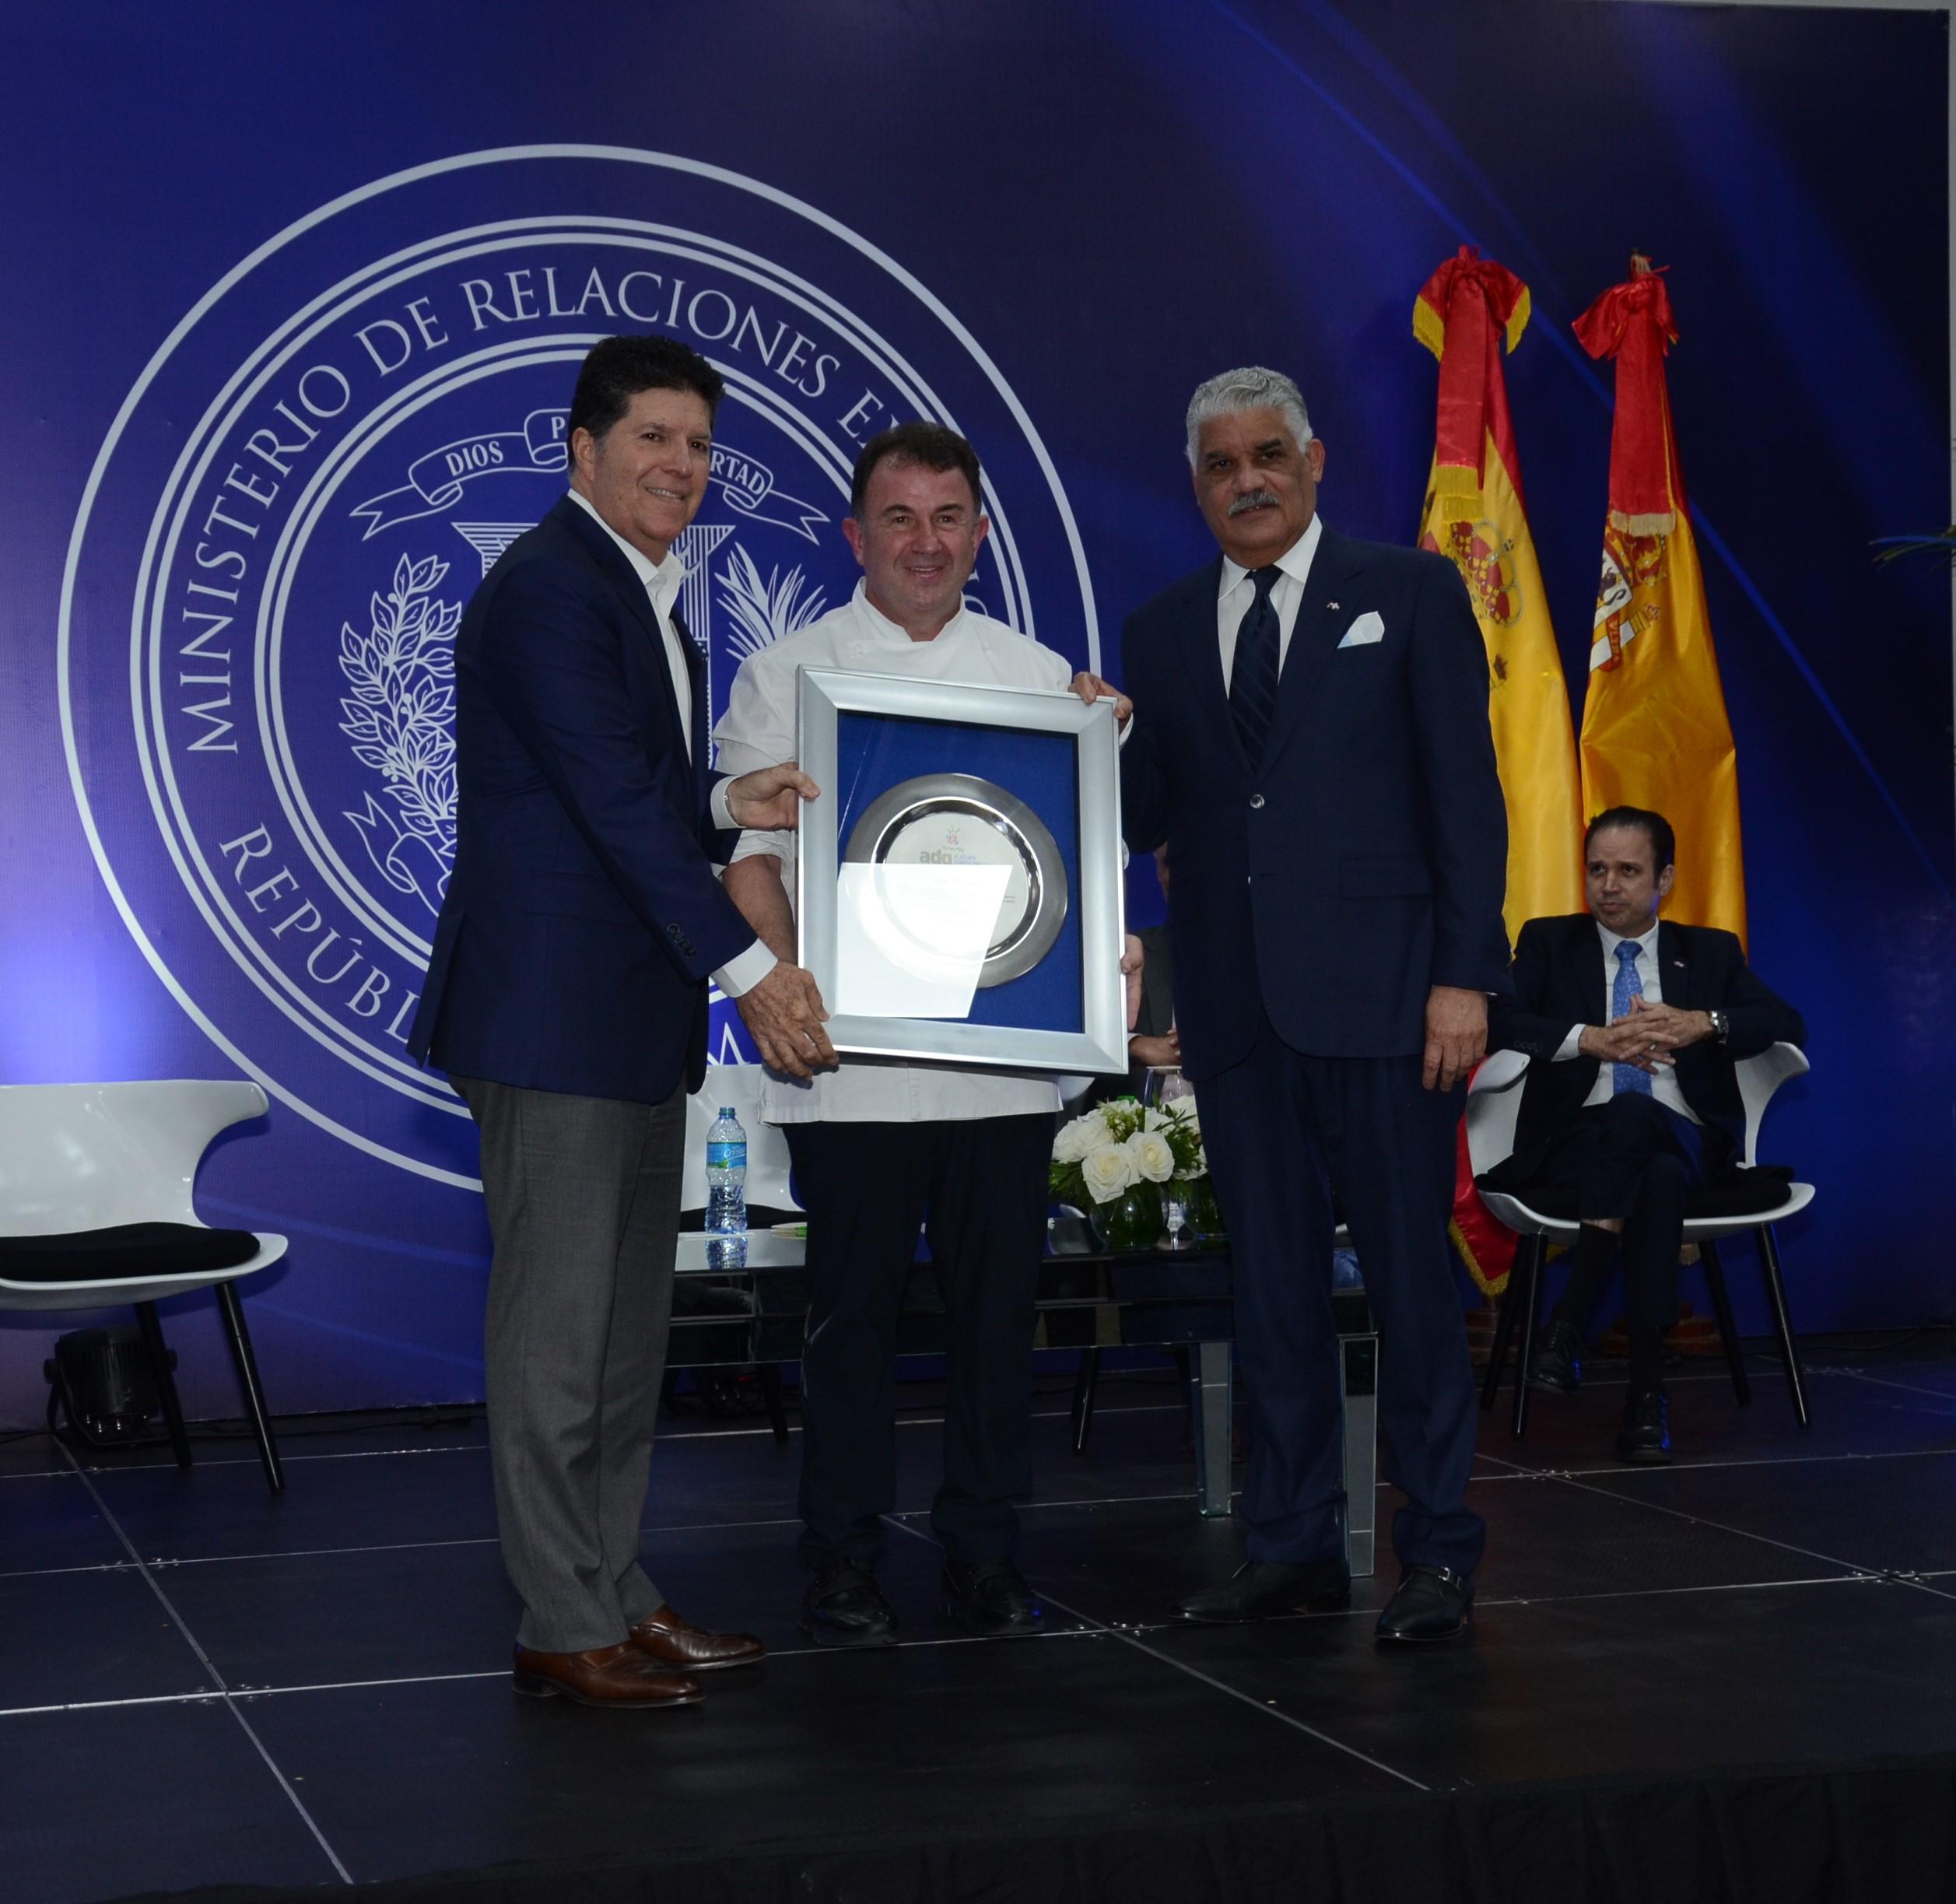 Entrega reconocimiento a Martin Berasategui a cargo Luis Ros Presidente de la Academia Dominicana de Gastronomía